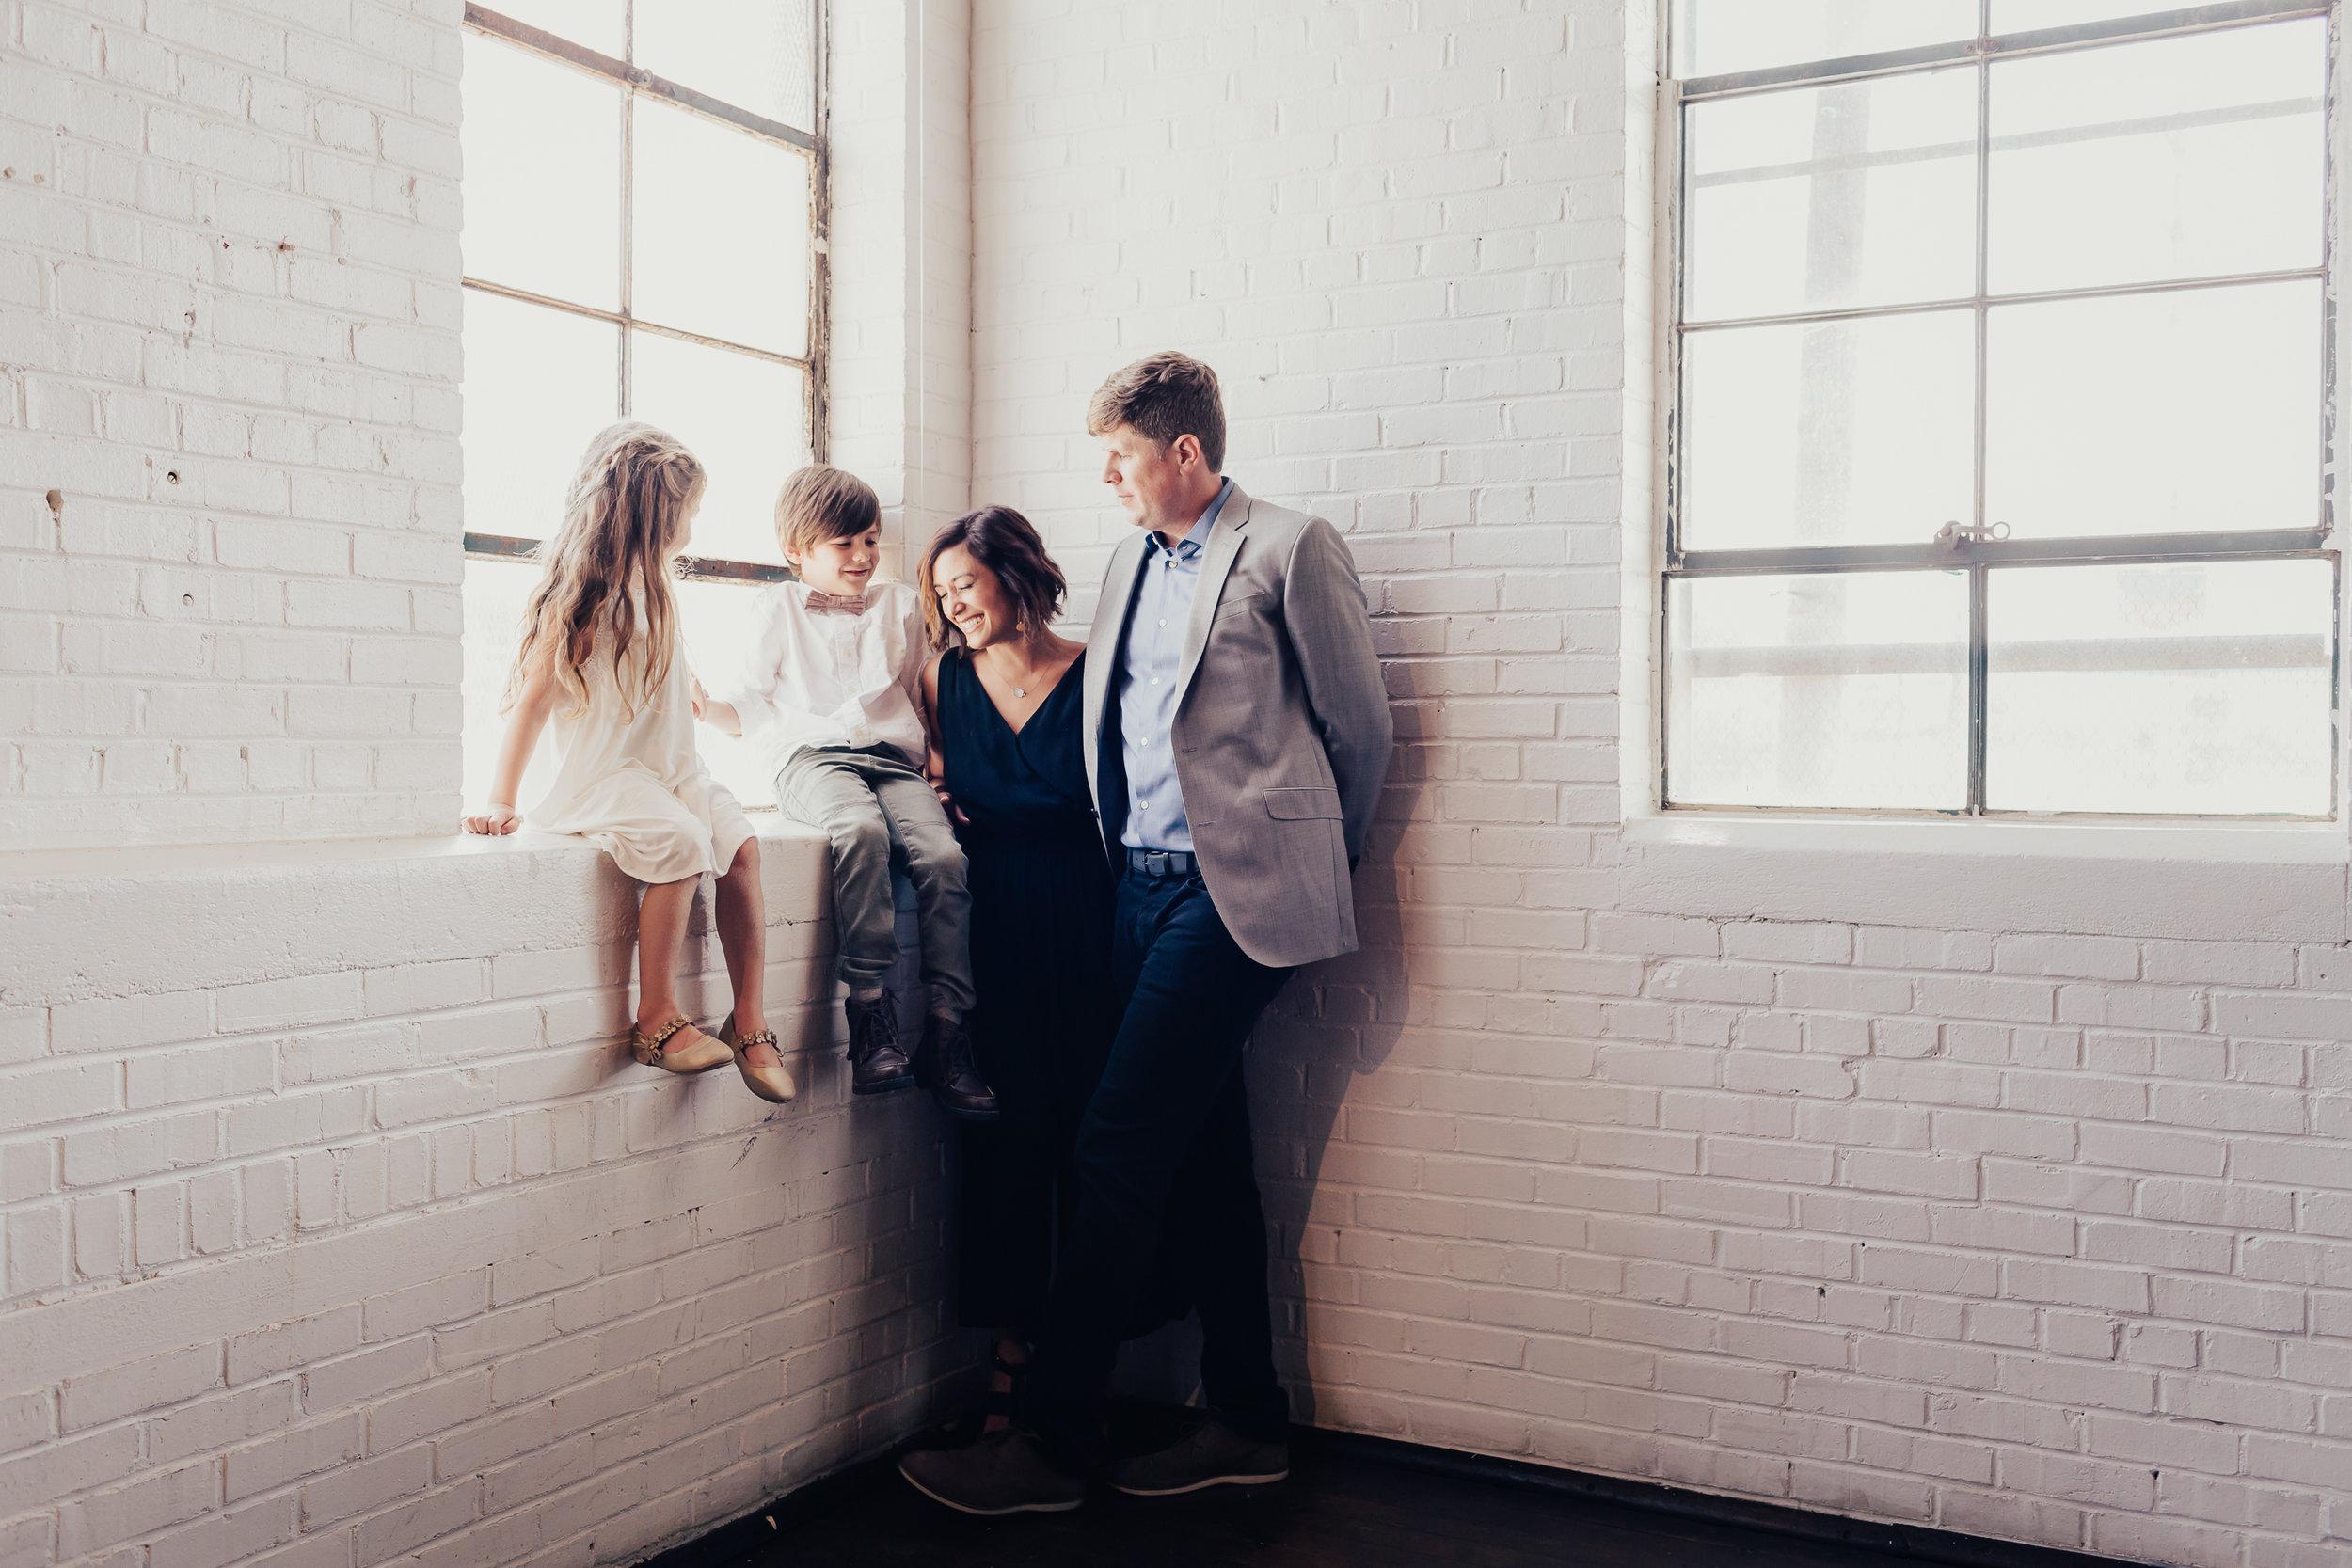 Gianna Keiko Atlanta Family Studio Portrait Photographer-15.jpg